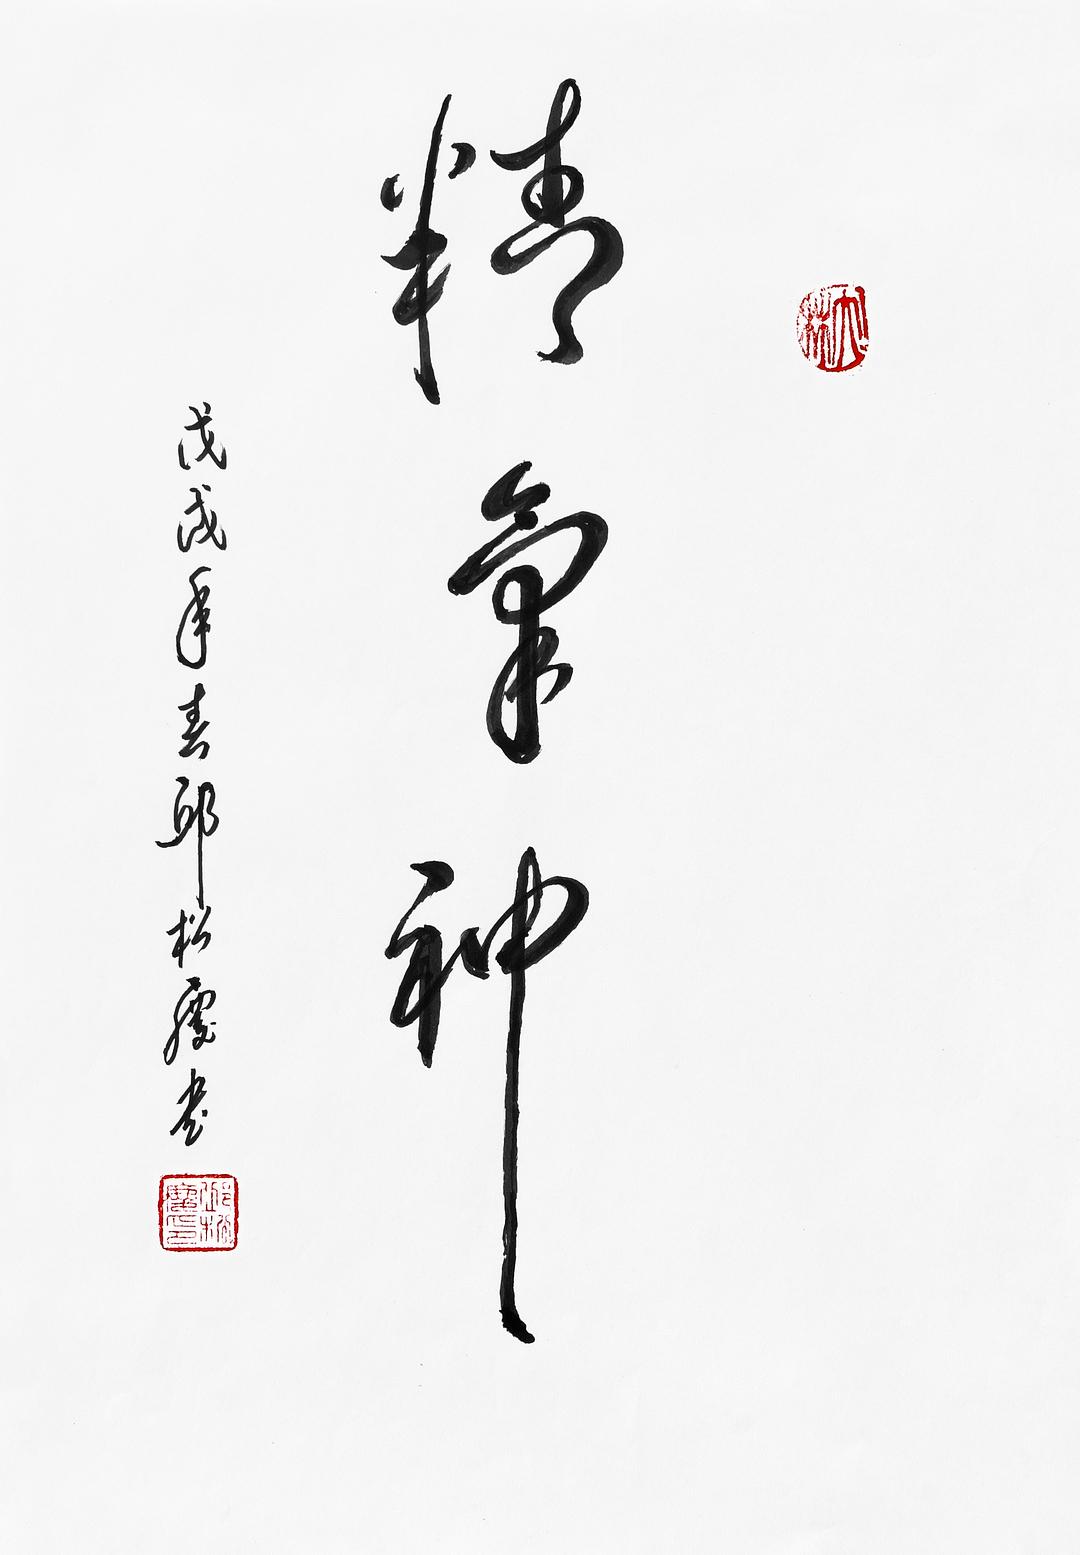 《精气神》29.7x21cm 行书 纸本墨笔 2018年